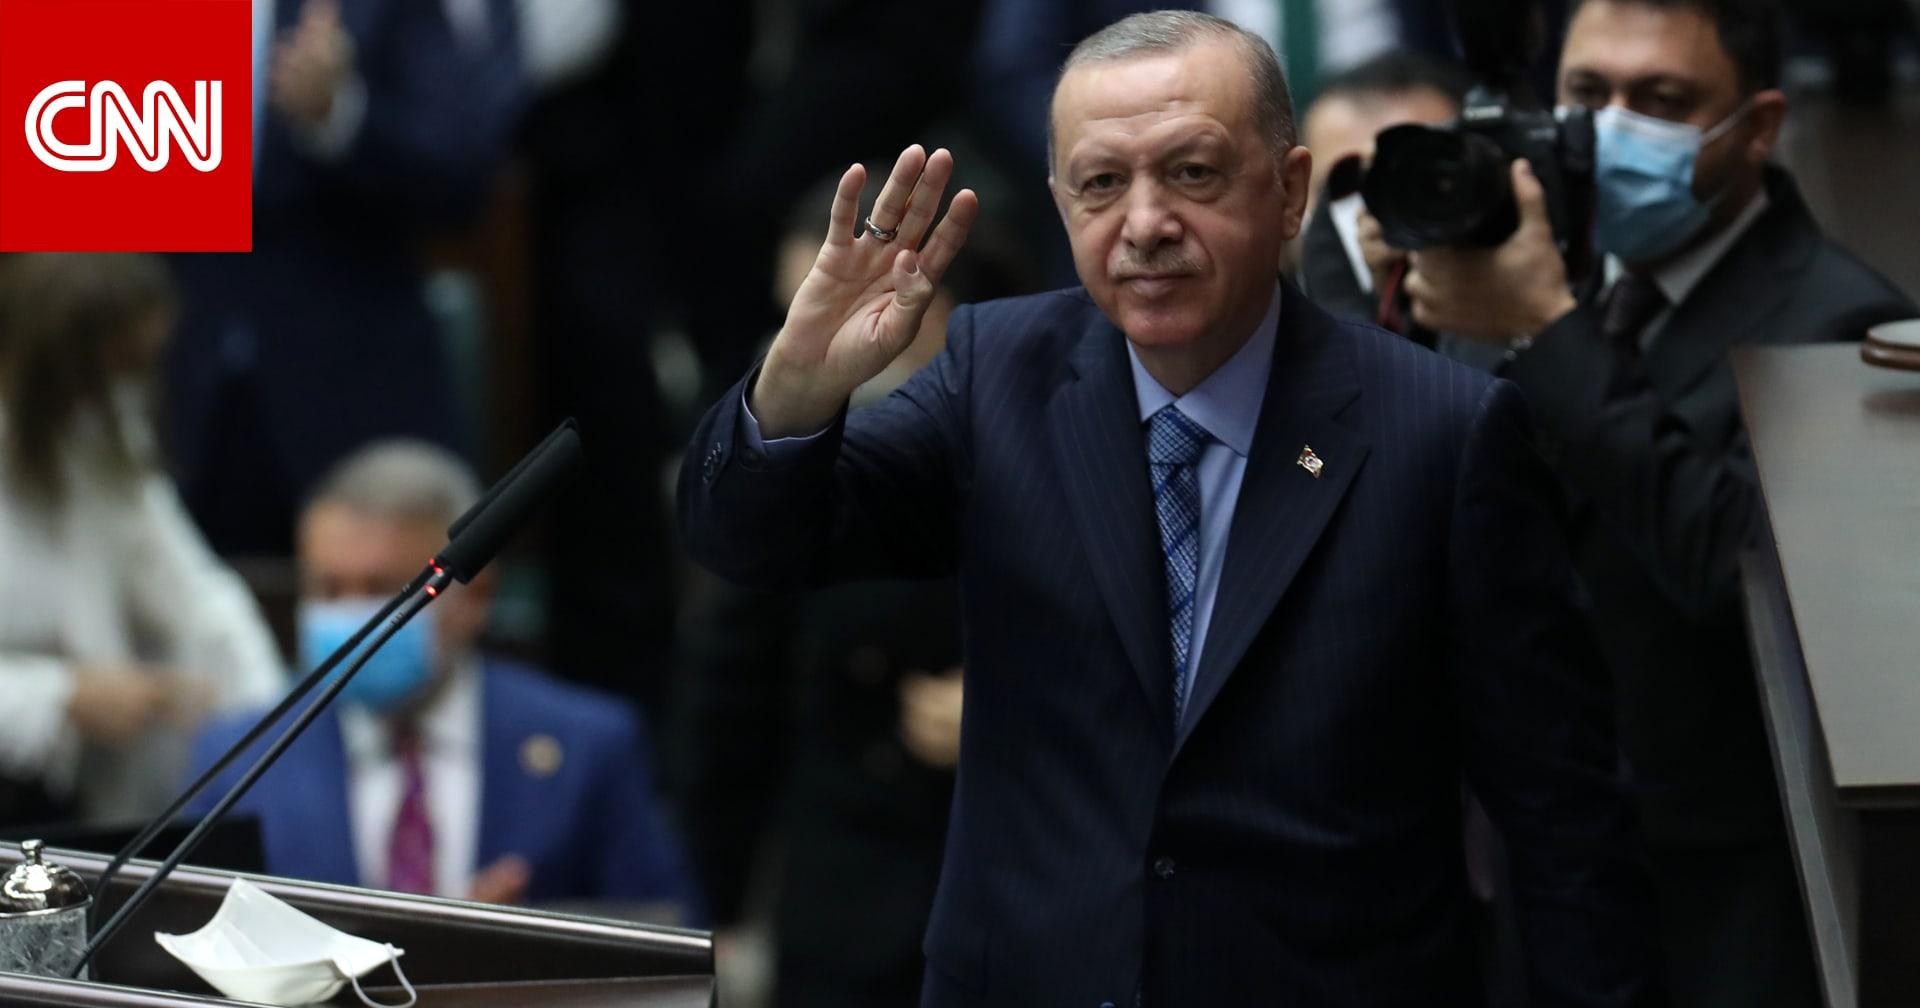 أردوغان يلمح لدستور جديد: مصدر مشاكل تركيا بالأساس نابع من دساتير انقلابين منذ 1960